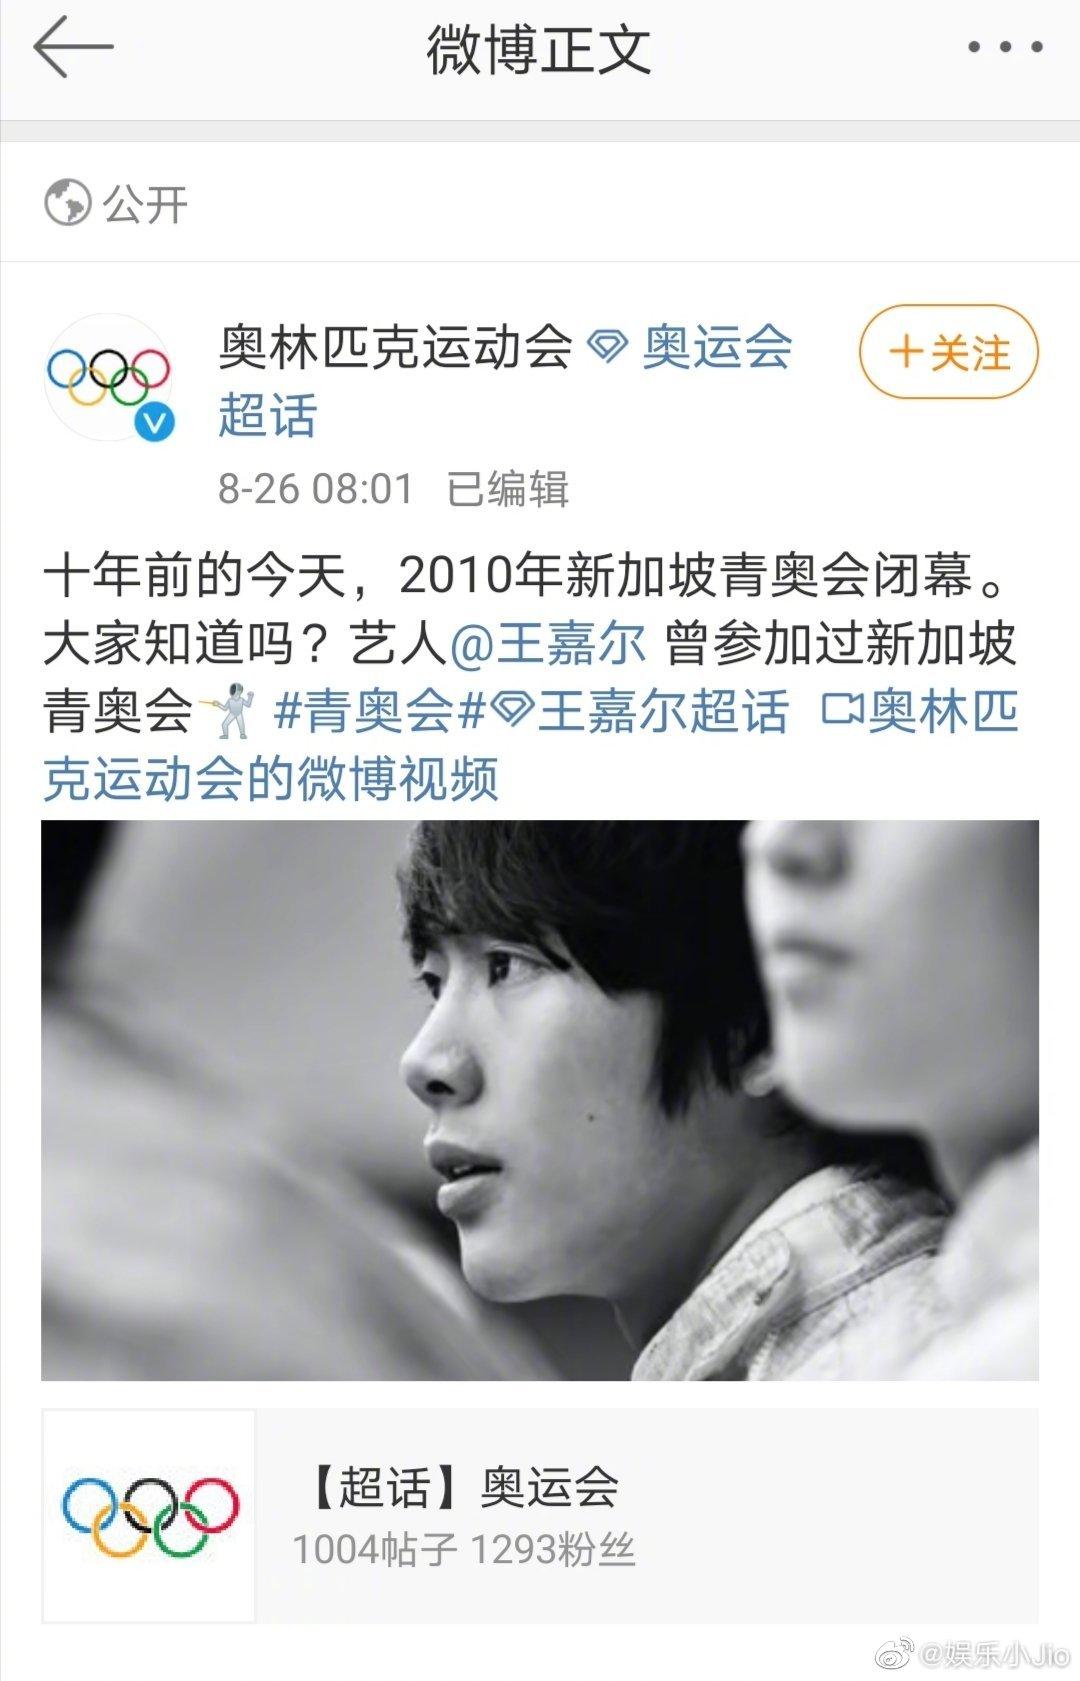 国际奥委会发了王嘉尔啦他10年前参加亚青赛拿下自己人生第一枚亚洲